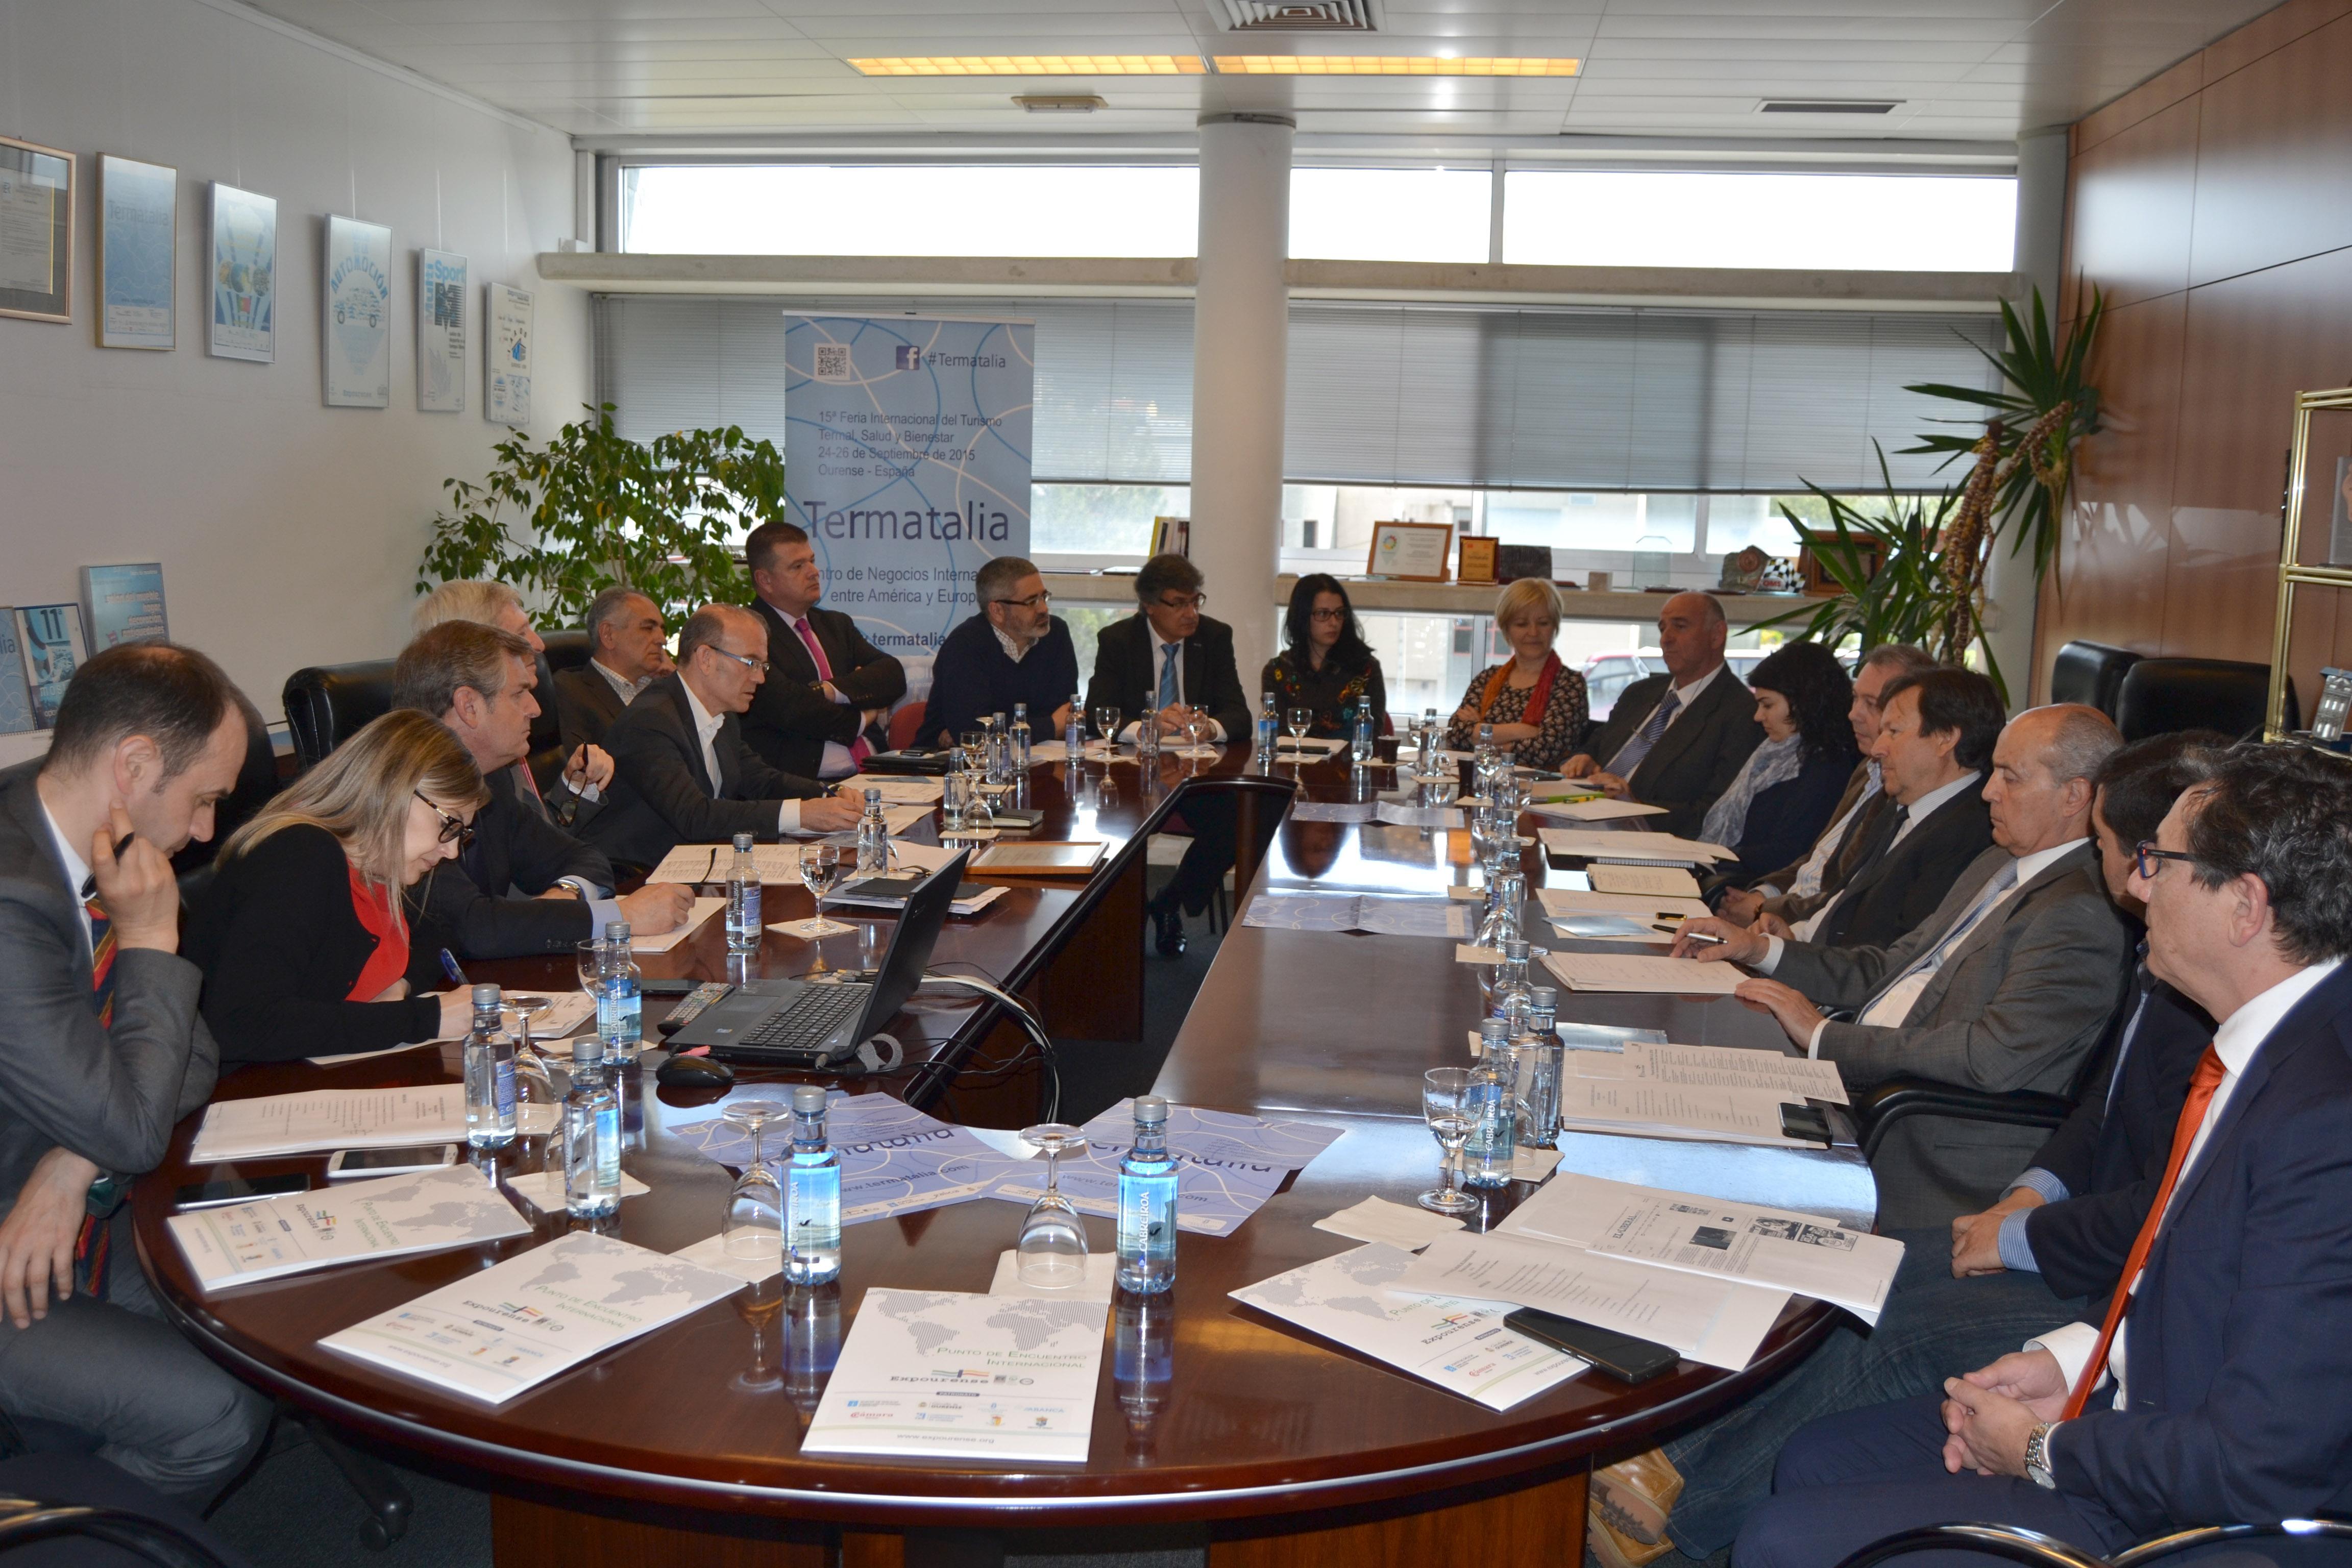 Una veintena de expertos del sector termal se dan cita en Expourense para avanzar en el programa de Termatalia 2015